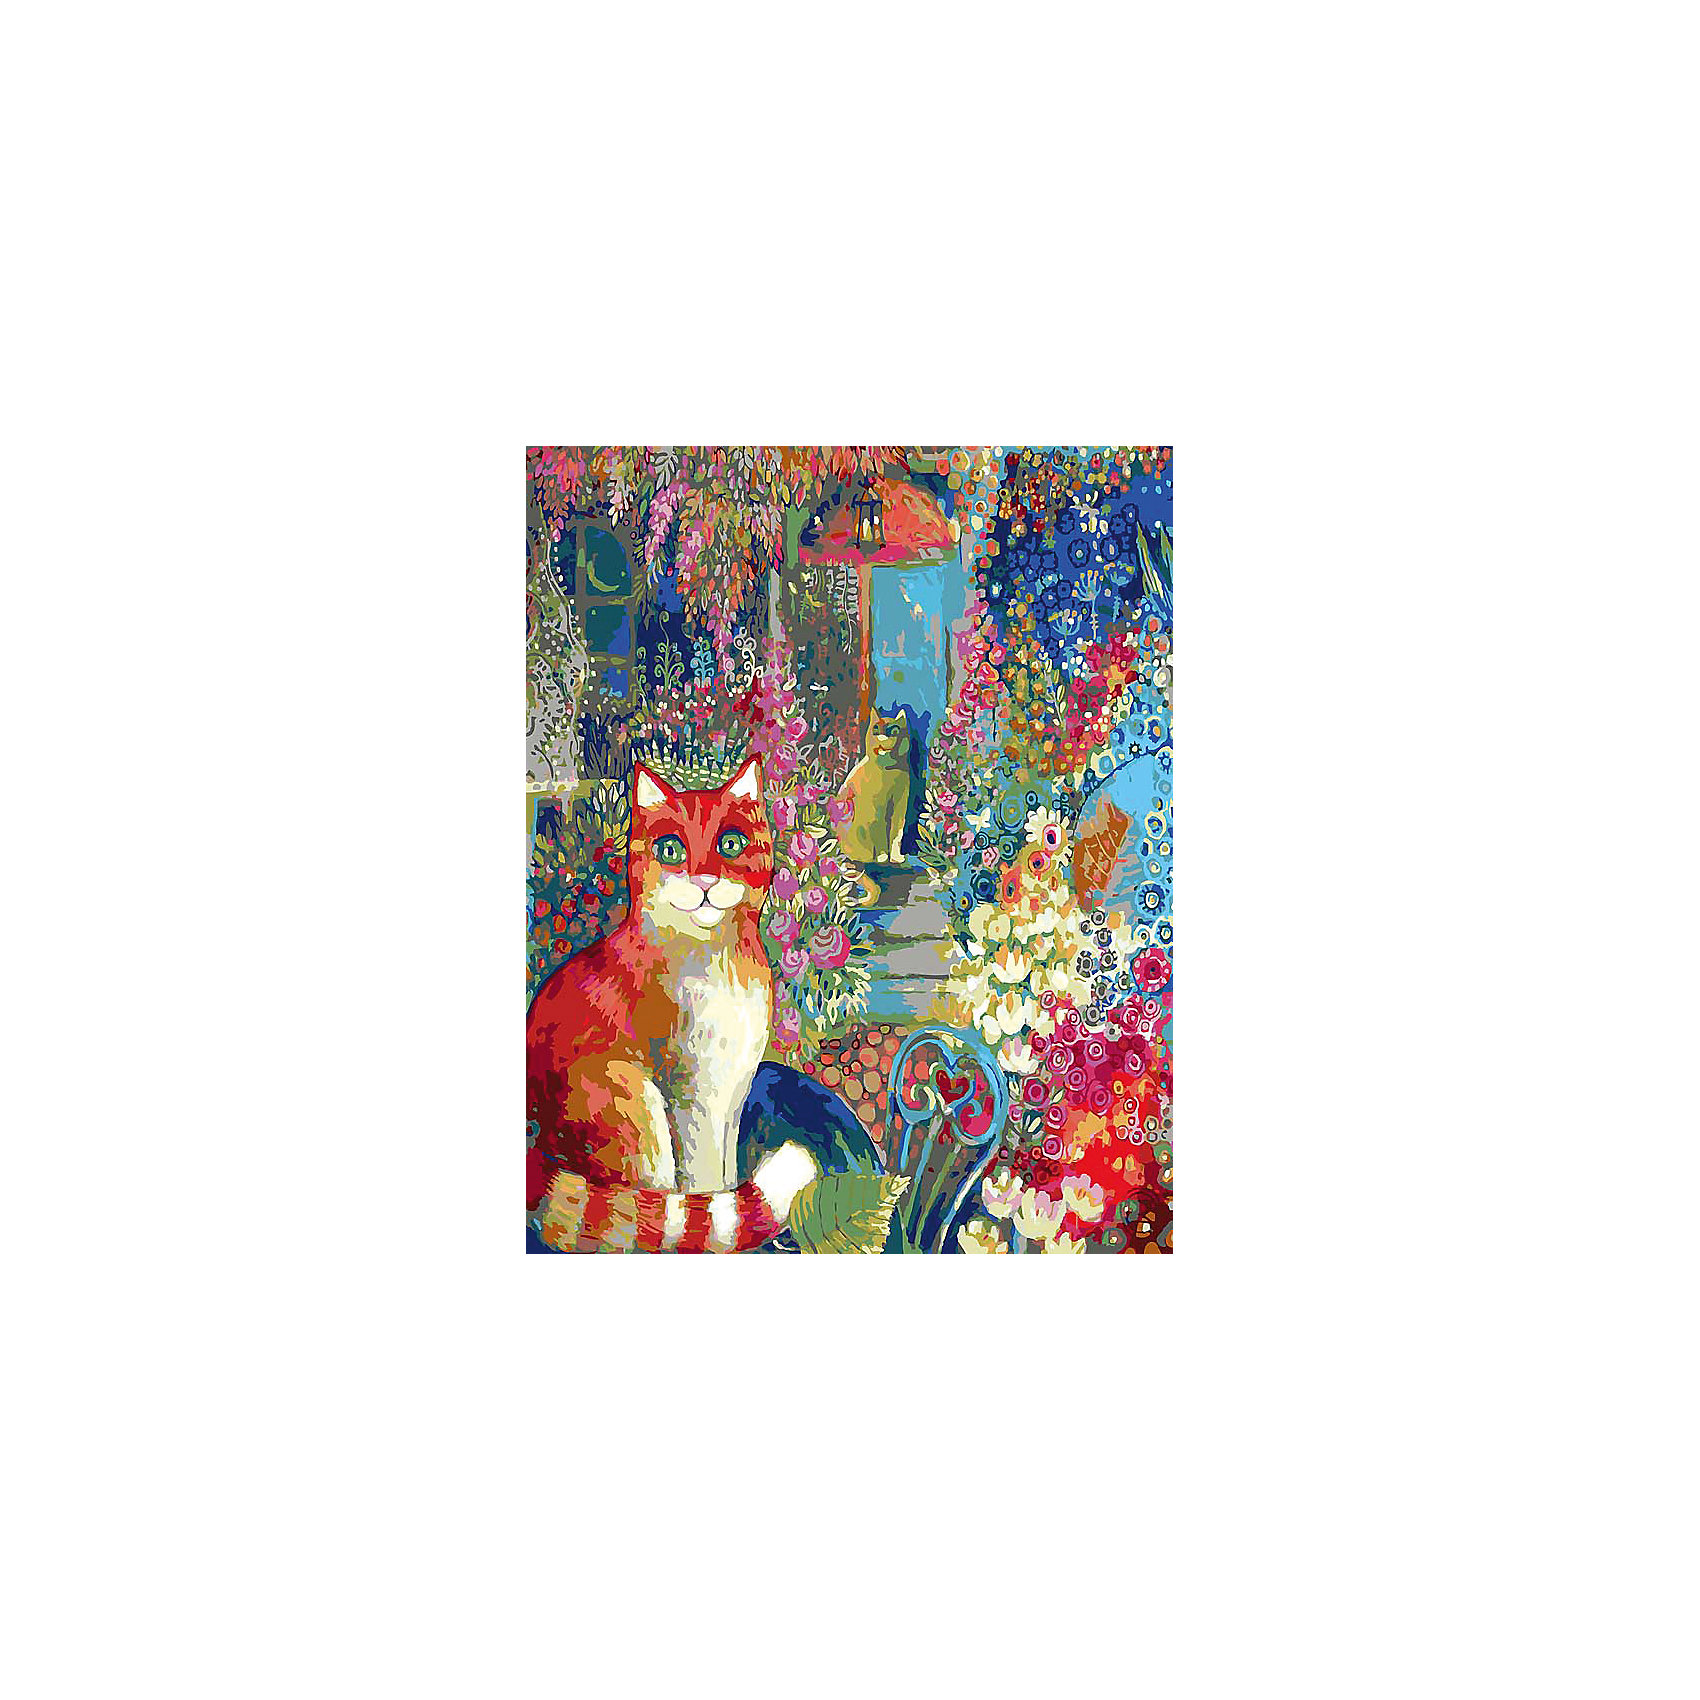 Белоснежка Живопись на холсте В городском саду 40*50 см